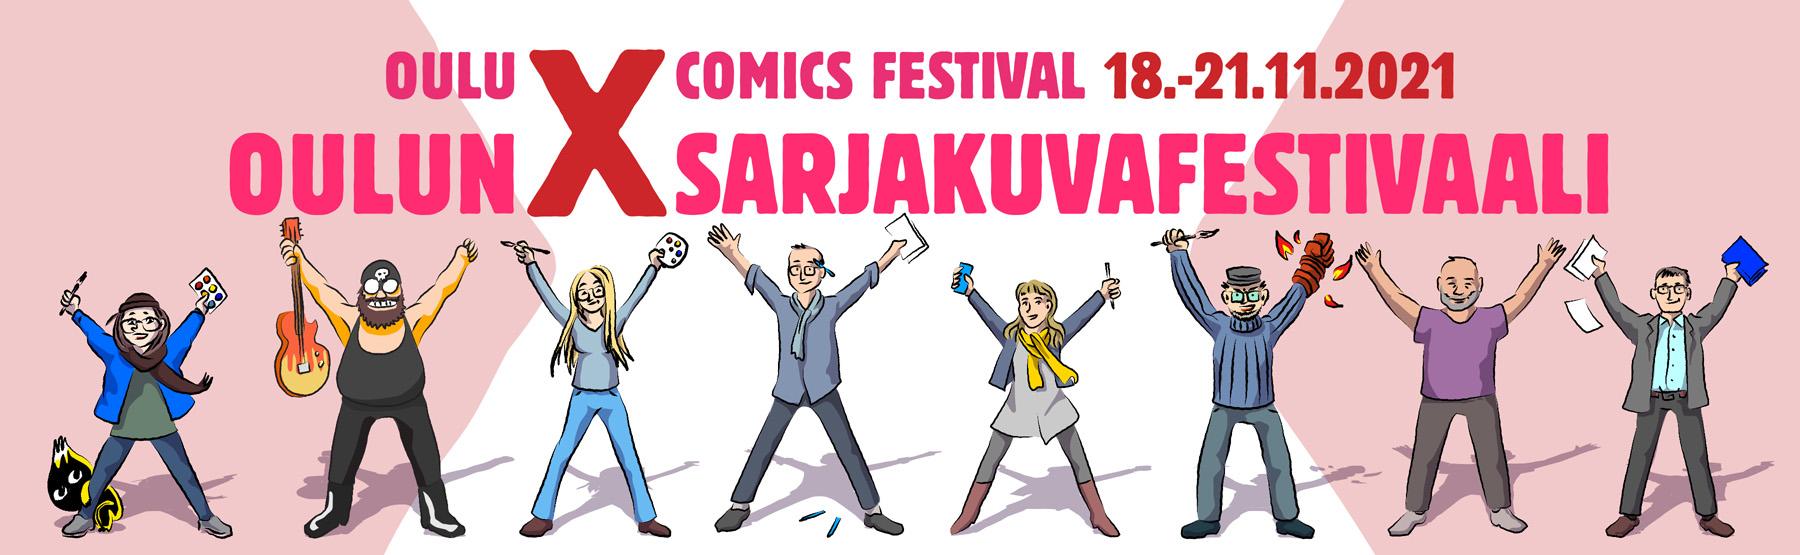 Festivaali 18.-21.11.2021